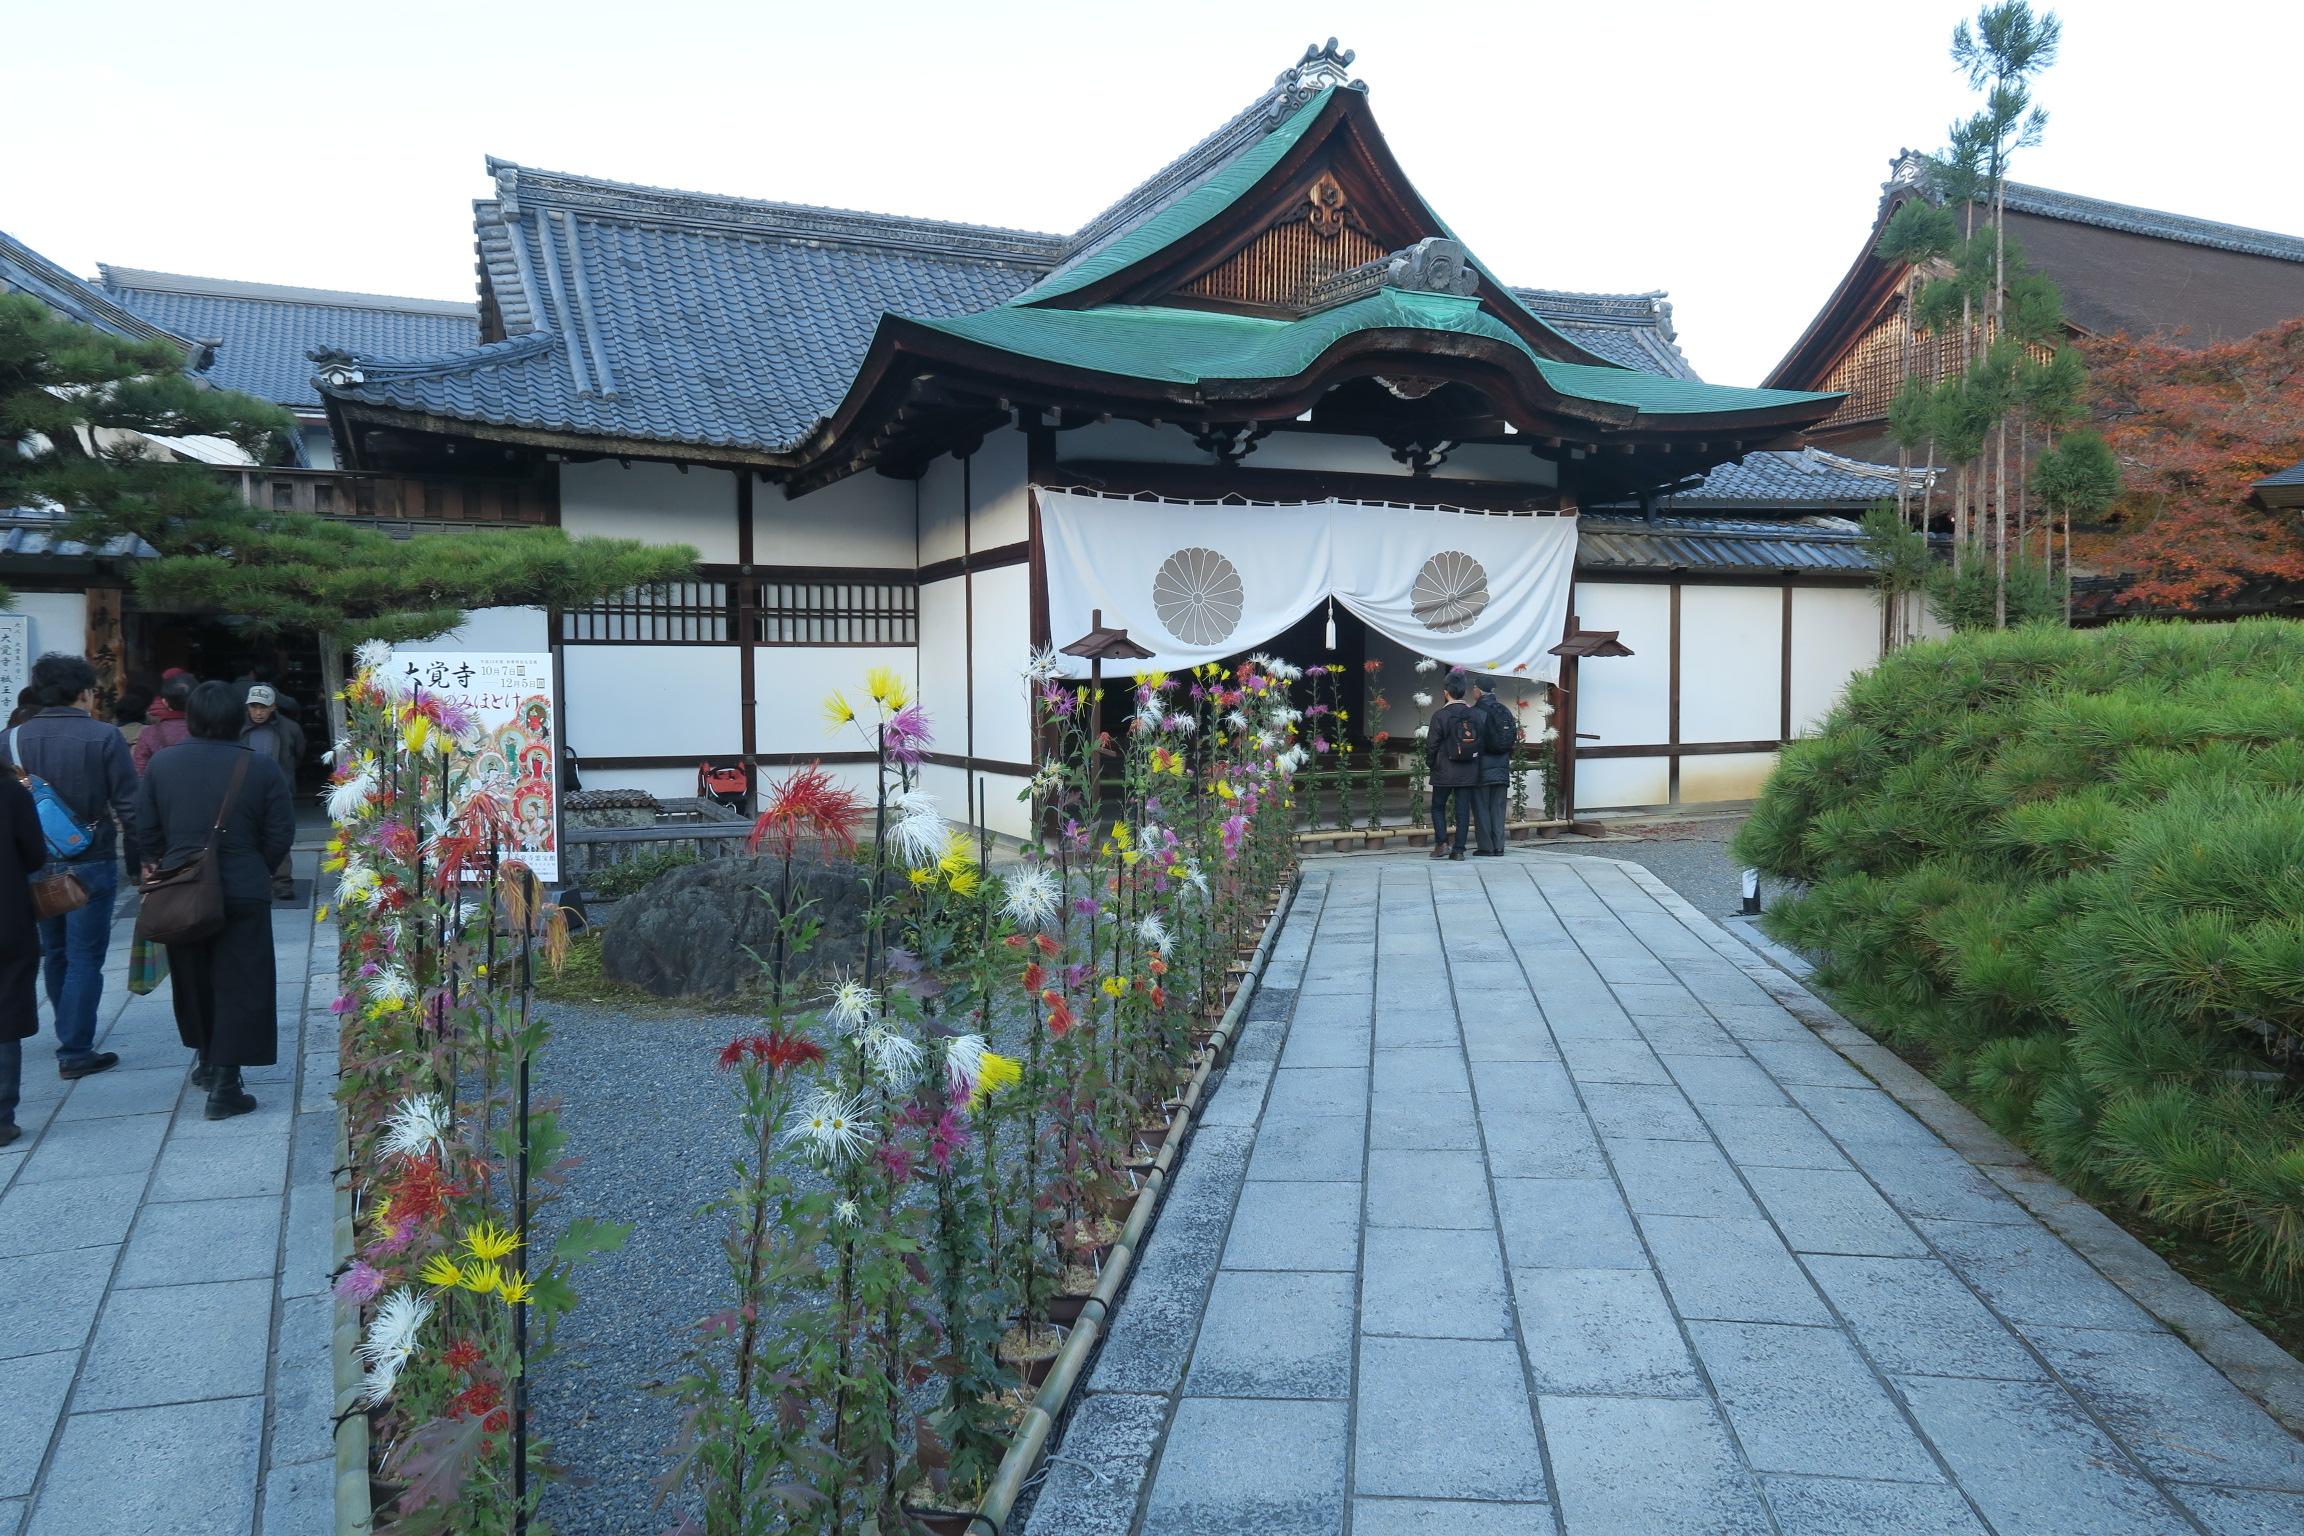 大覚寺の嵯峨菊は、大沢池に自生していた野菊を永年にわたって美しく仕立てられた菊です。